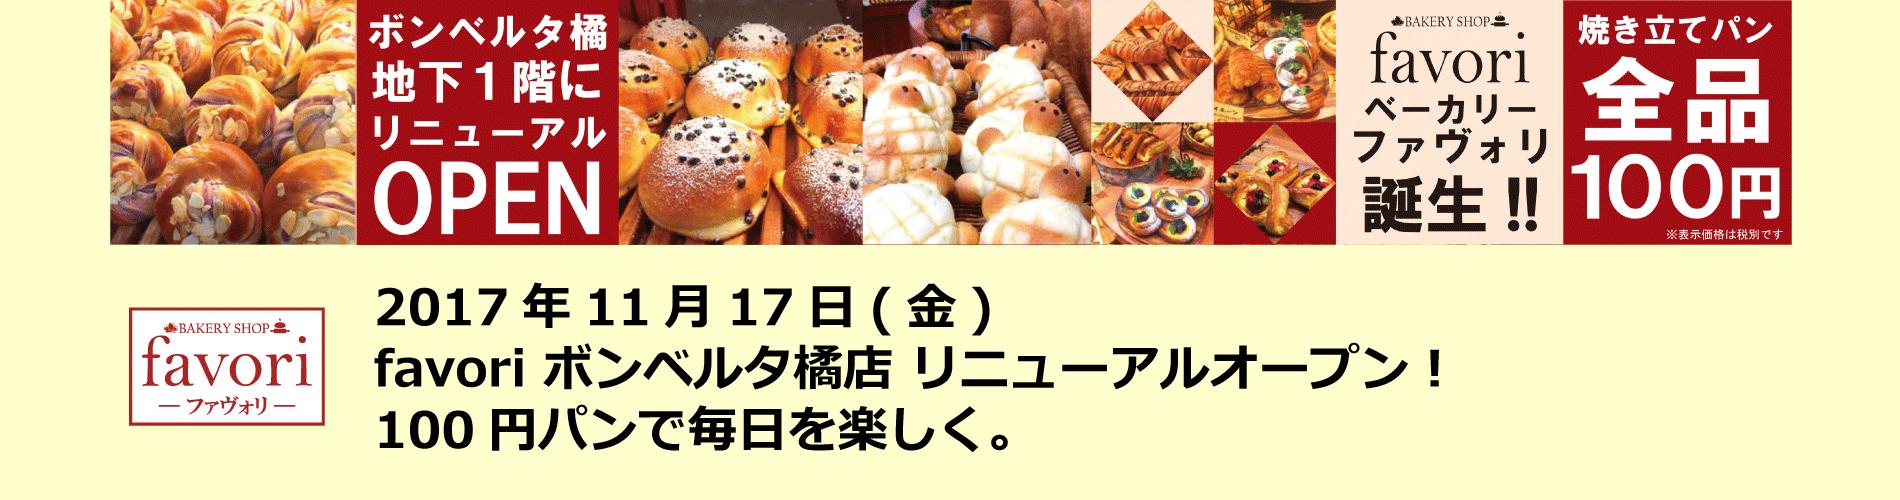 favori ボンベルタ橘店リニューアルオープン